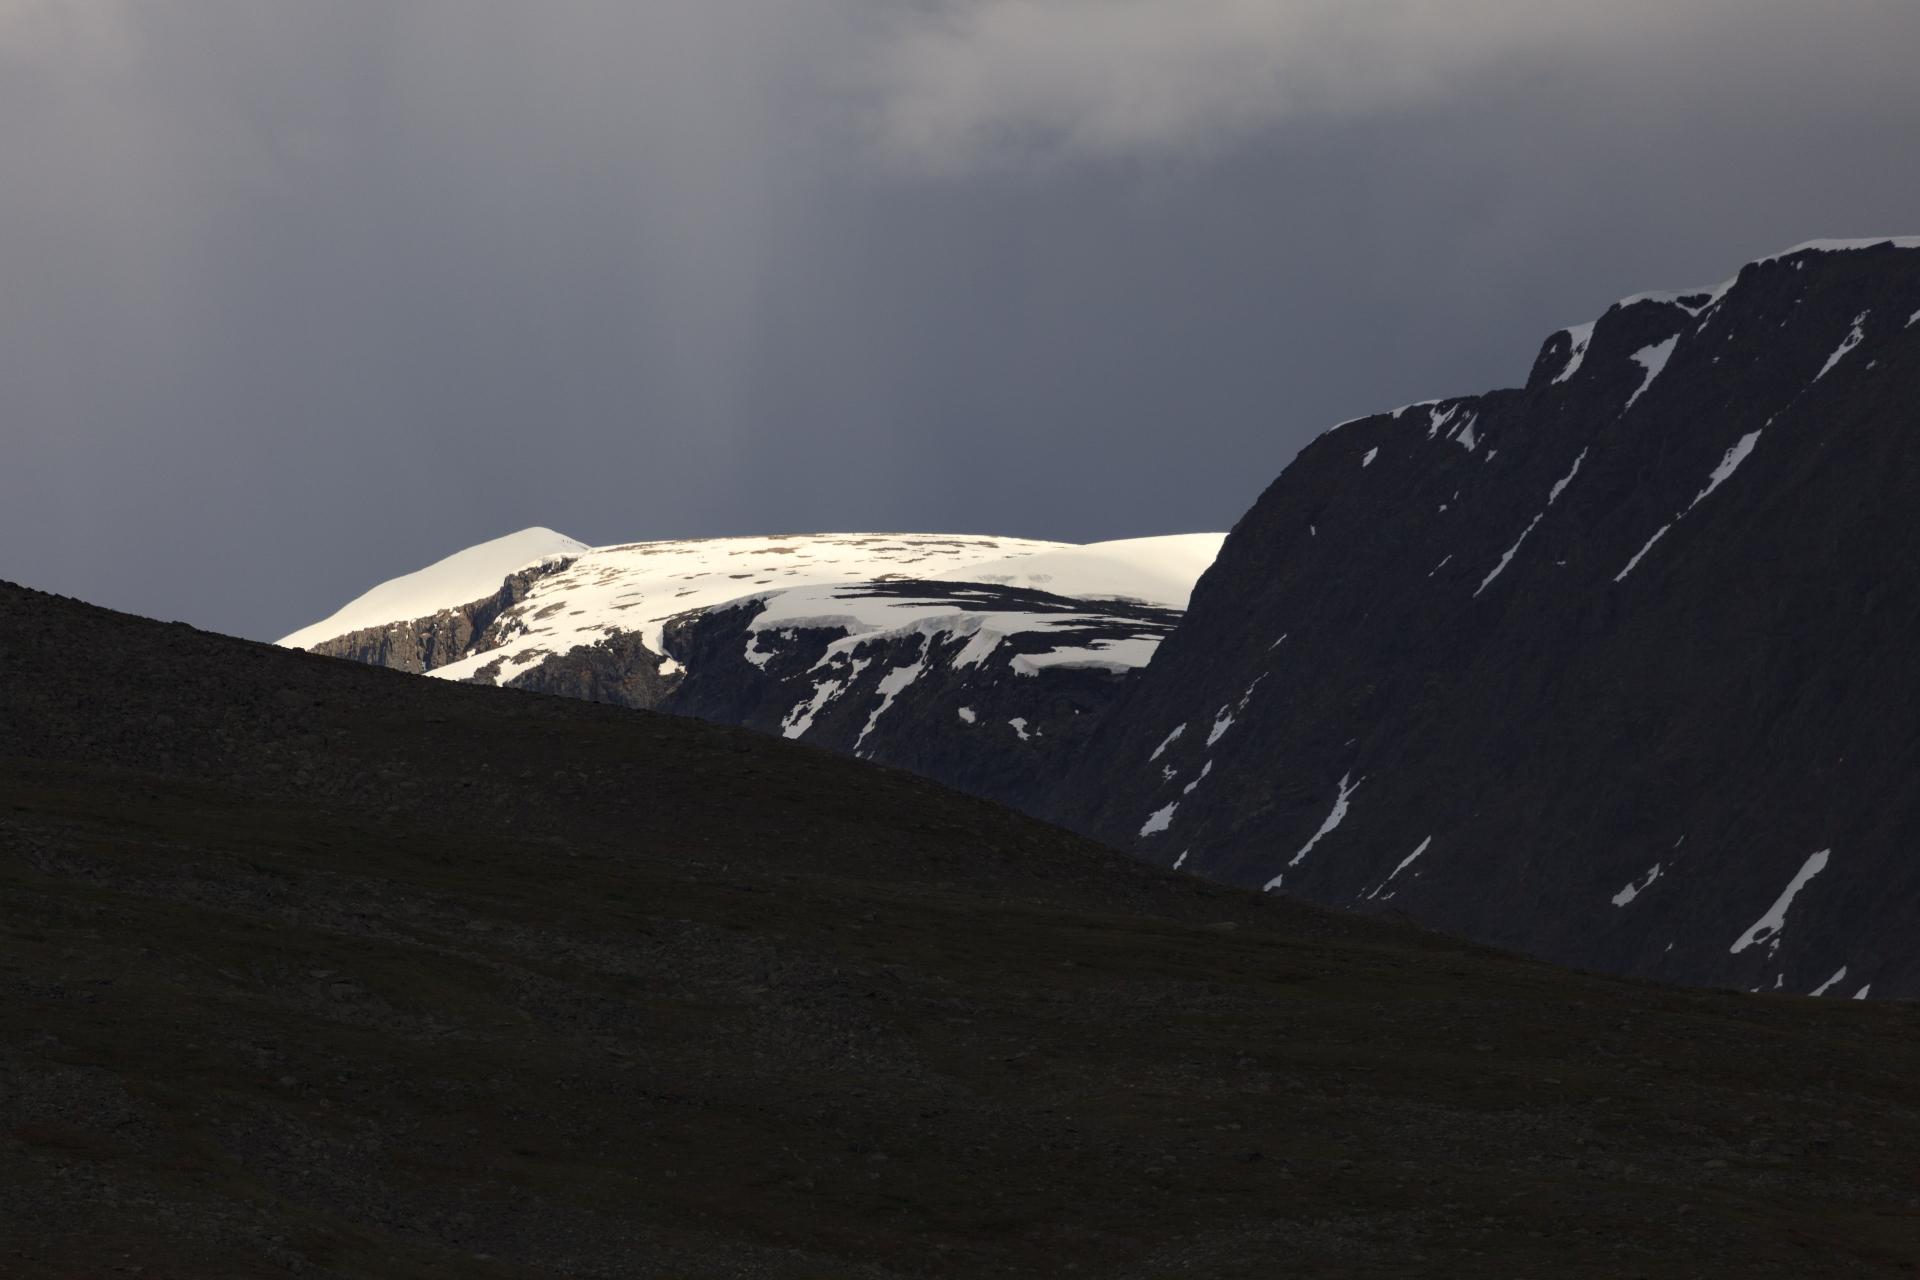 Mitten im Gewitter, bei strömendem Regen, taucht in der Ferne die Gipfelpyramide des Kebnekaise auf – dort oben wollen wir morgen stehen!